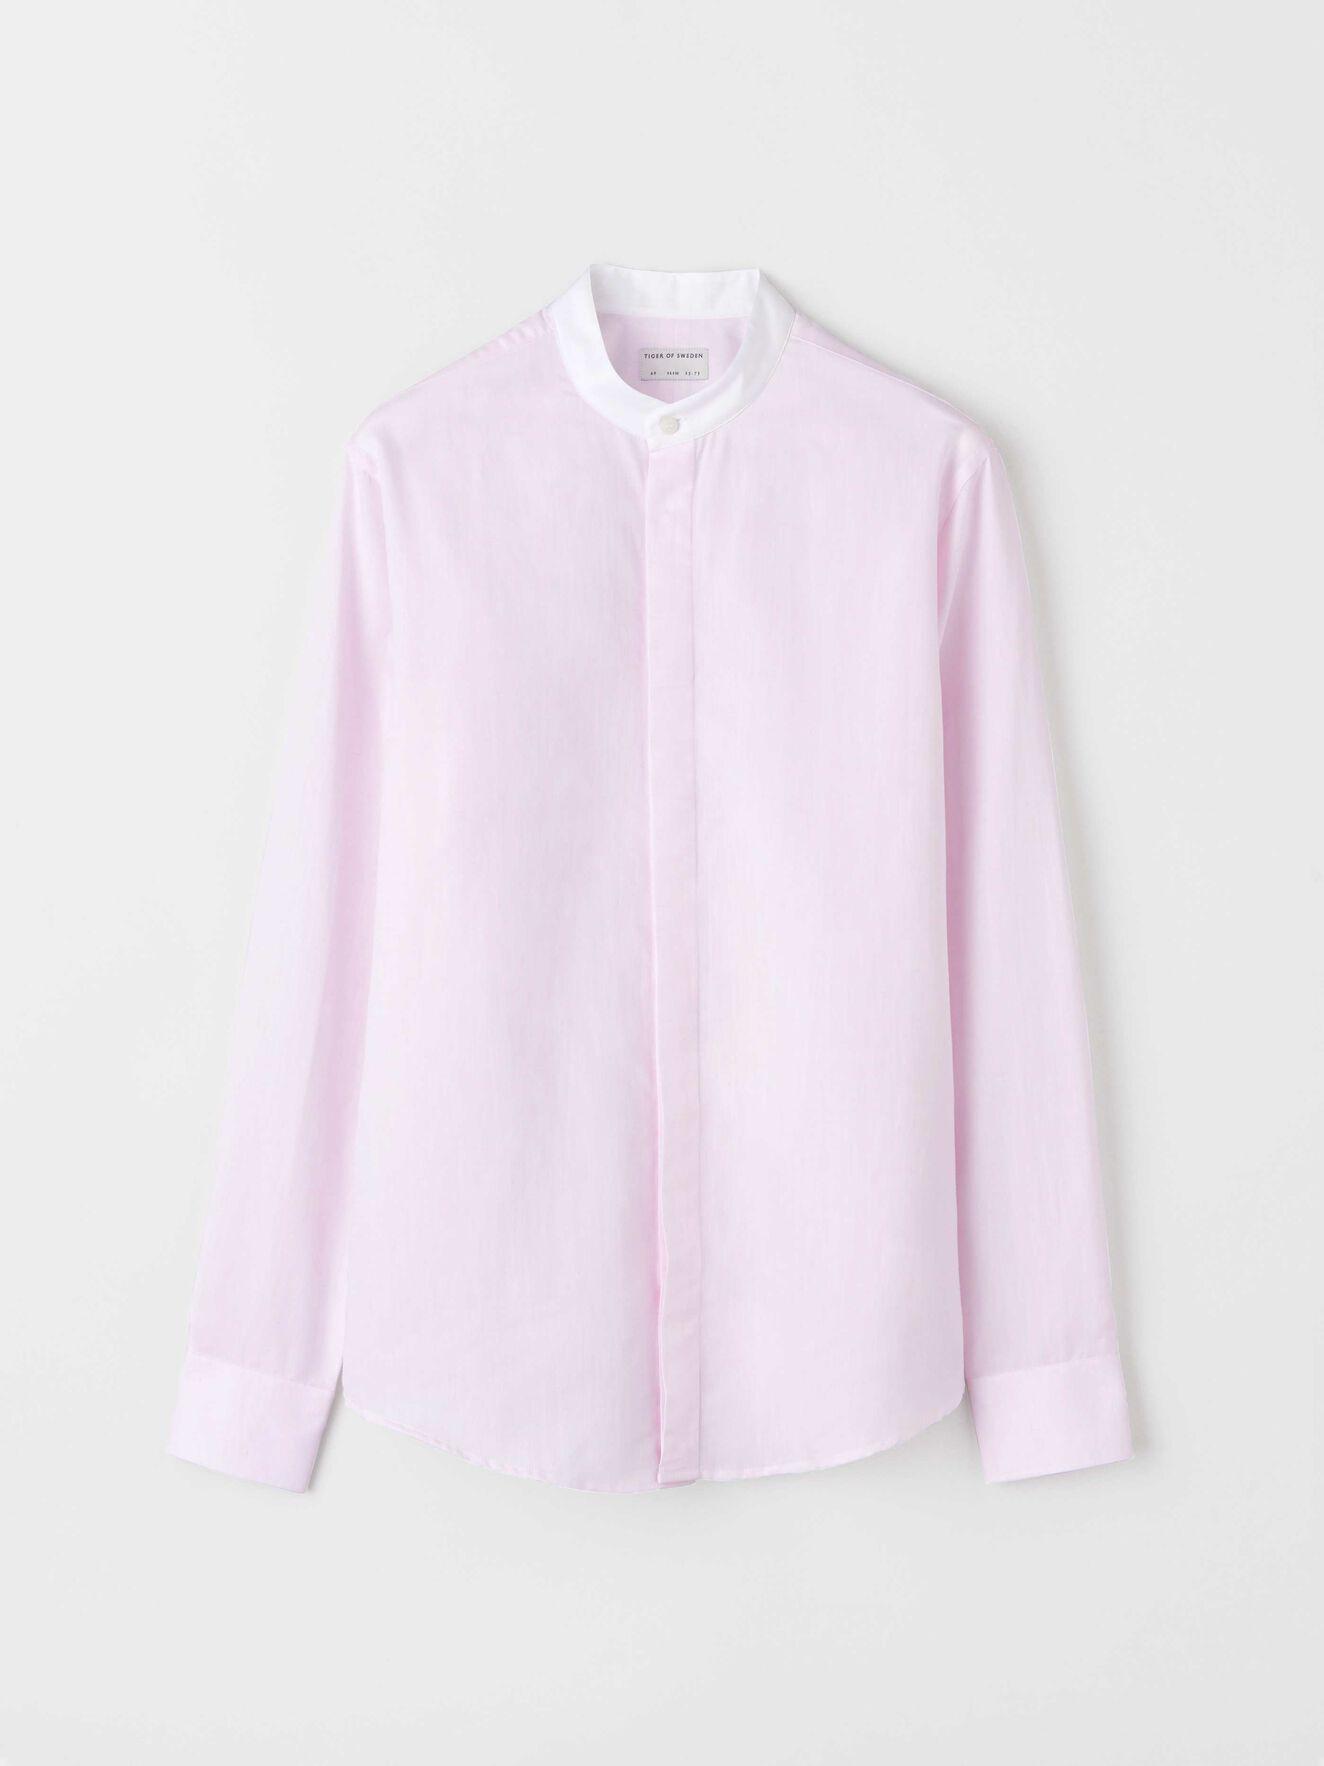 59d89963 Skjorter – Se kort- og langermede skjorter online hos Tiger of Sweden